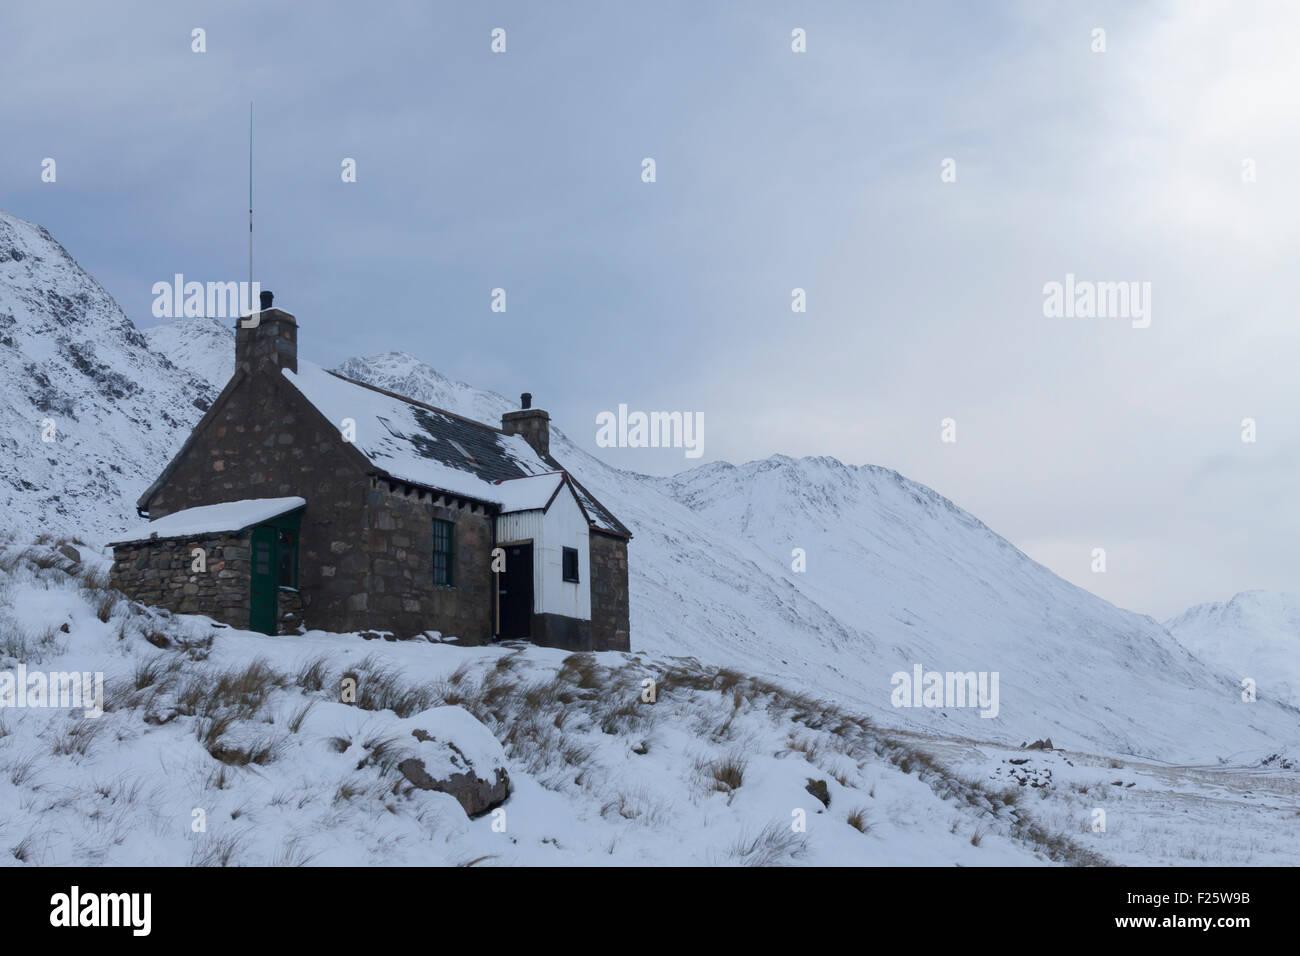 Glen Licht House, Glen Licht, Kintail, North West Highlands, Scotland, UK - Stock Image